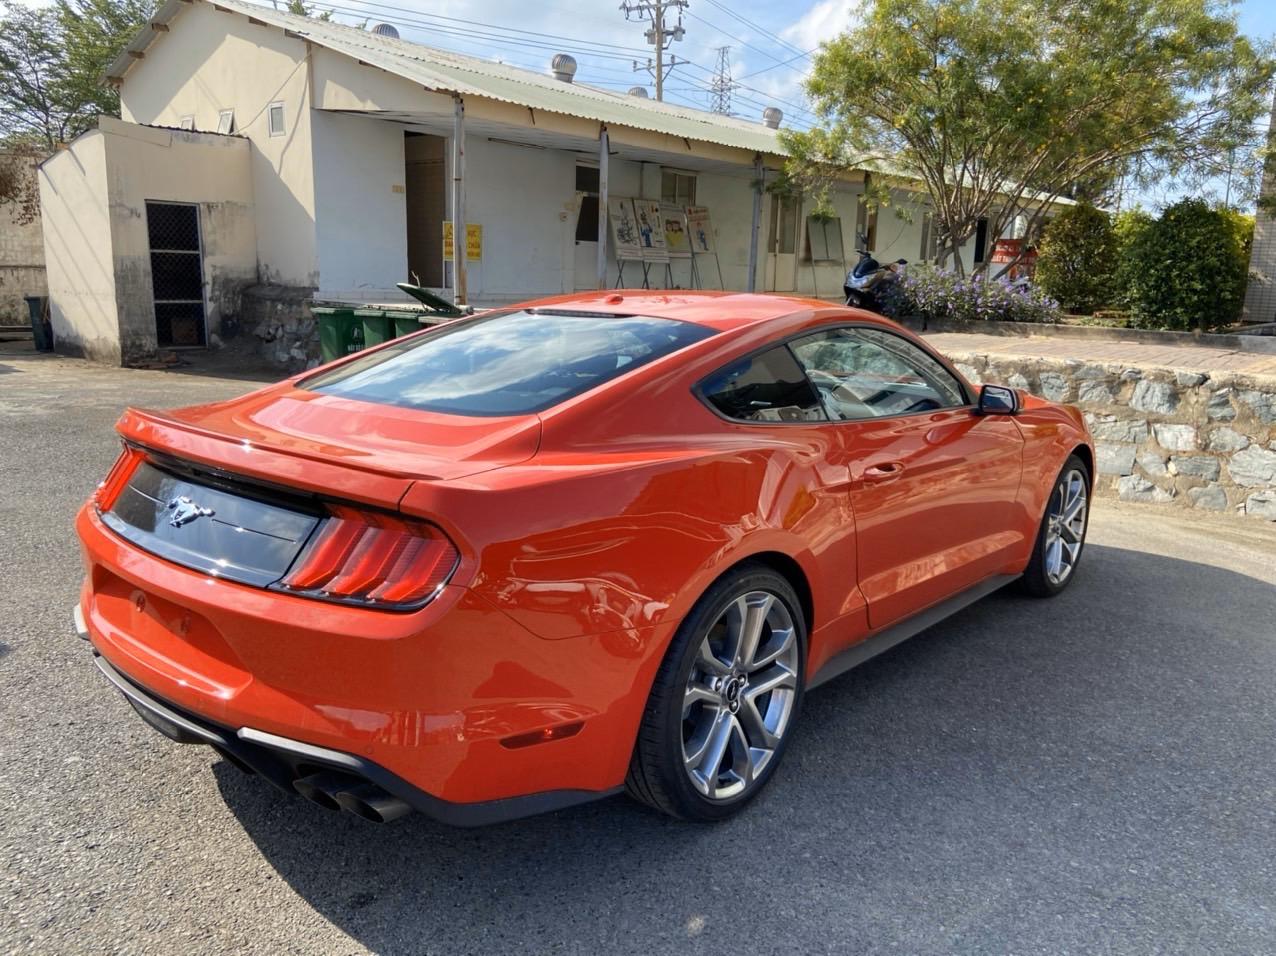 Ford Mustang 2.3 Ecoboot 2020, màu đỏ, nhập khẩu Mỹ - Giao ngay